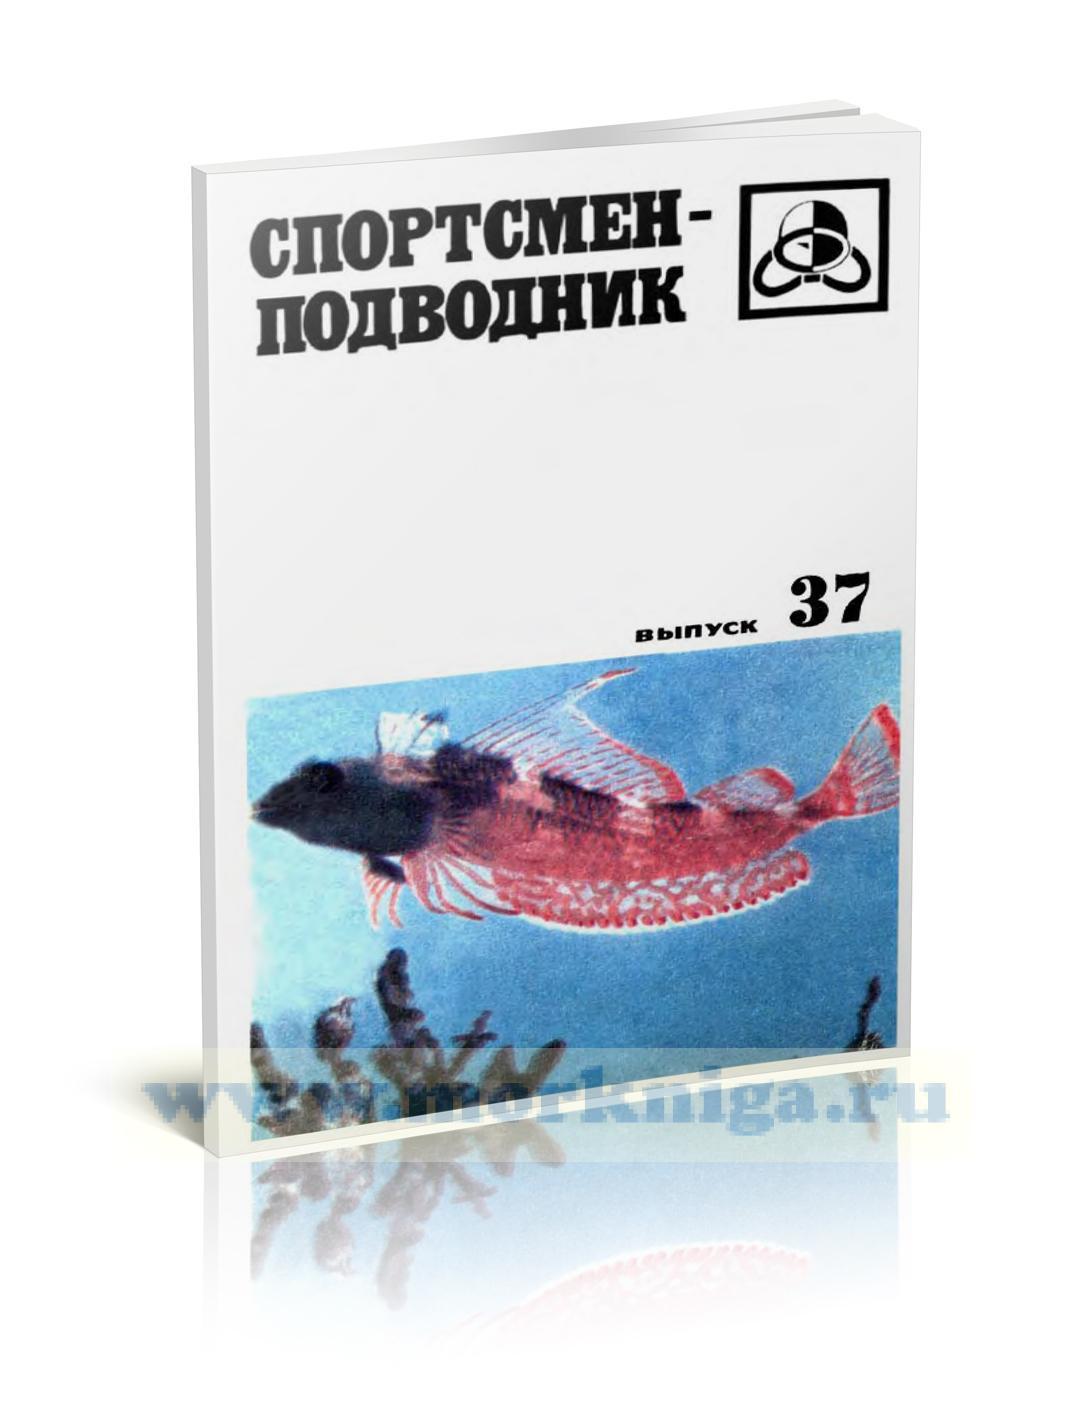 Спортсмен-Подводник. Выпуск 37